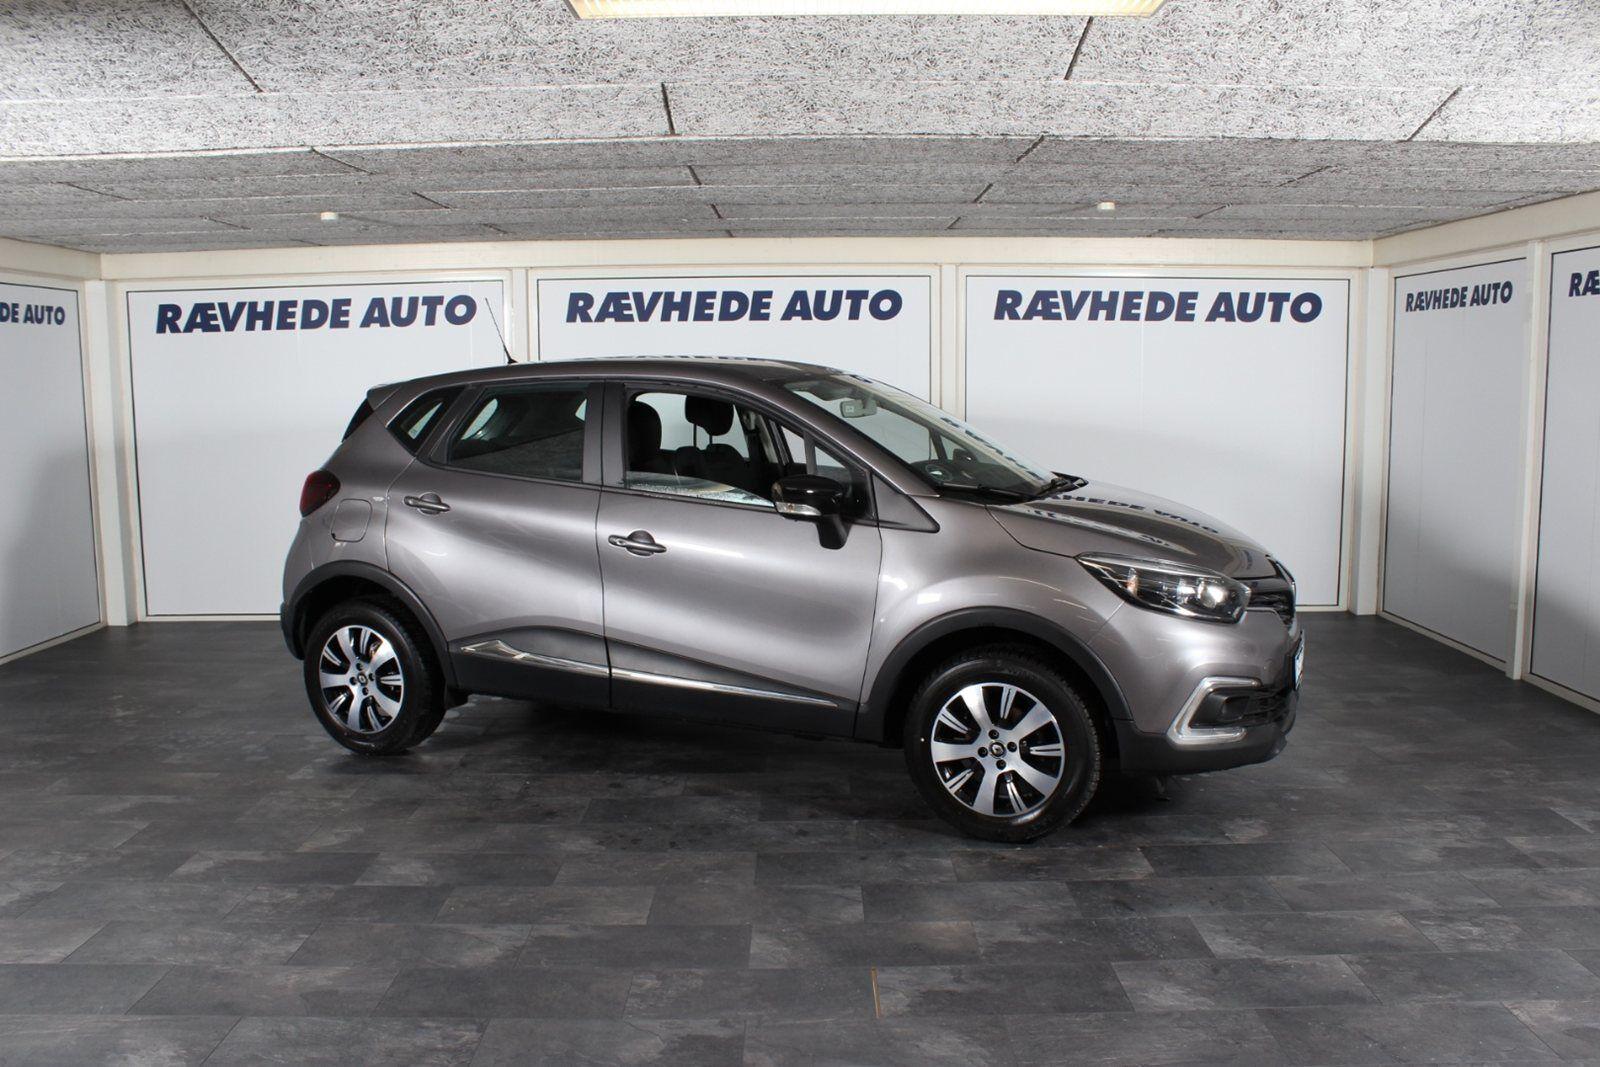 Renault Captur 0,9 TCe 90 Zen 5d - 167.500 kr.